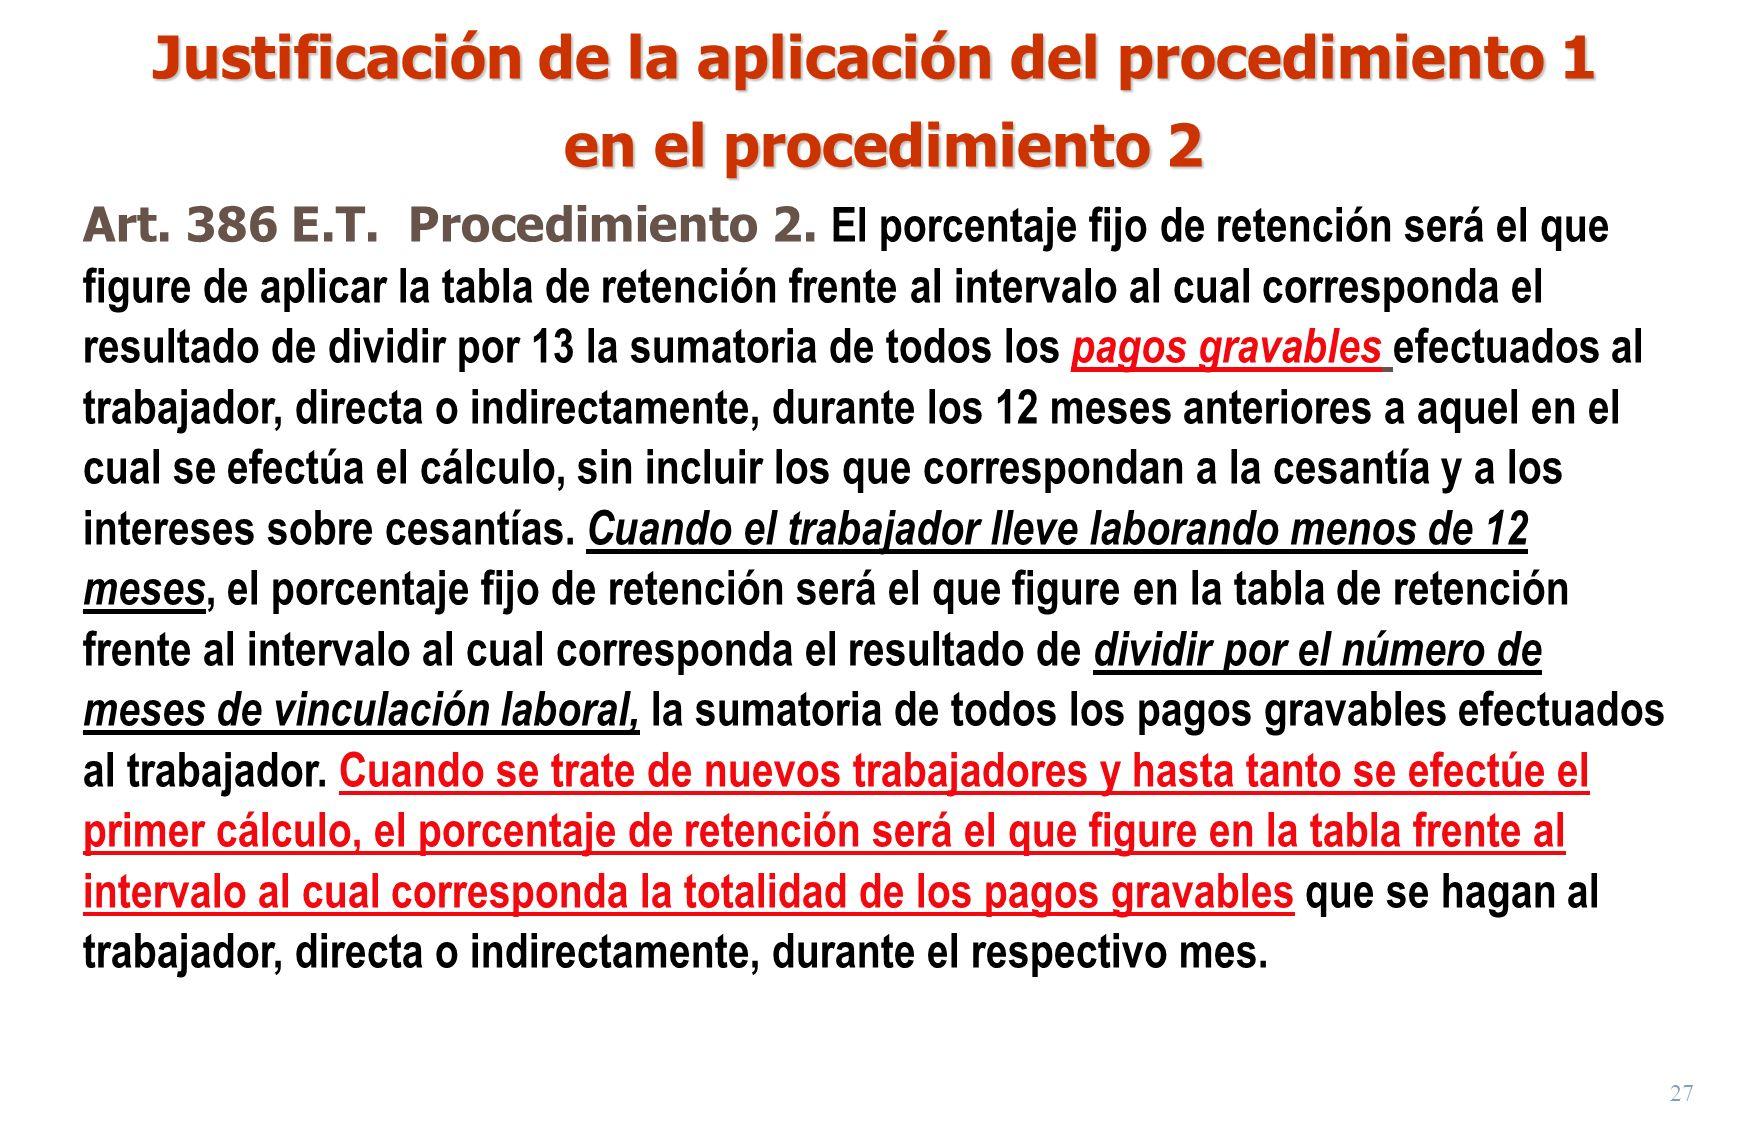 27 Justificación de la aplicación del procedimiento 1 en el procedimiento 2 en el procedimiento 2 Art. 386 E.T. Procedimiento 2. El porcentaje fijo de